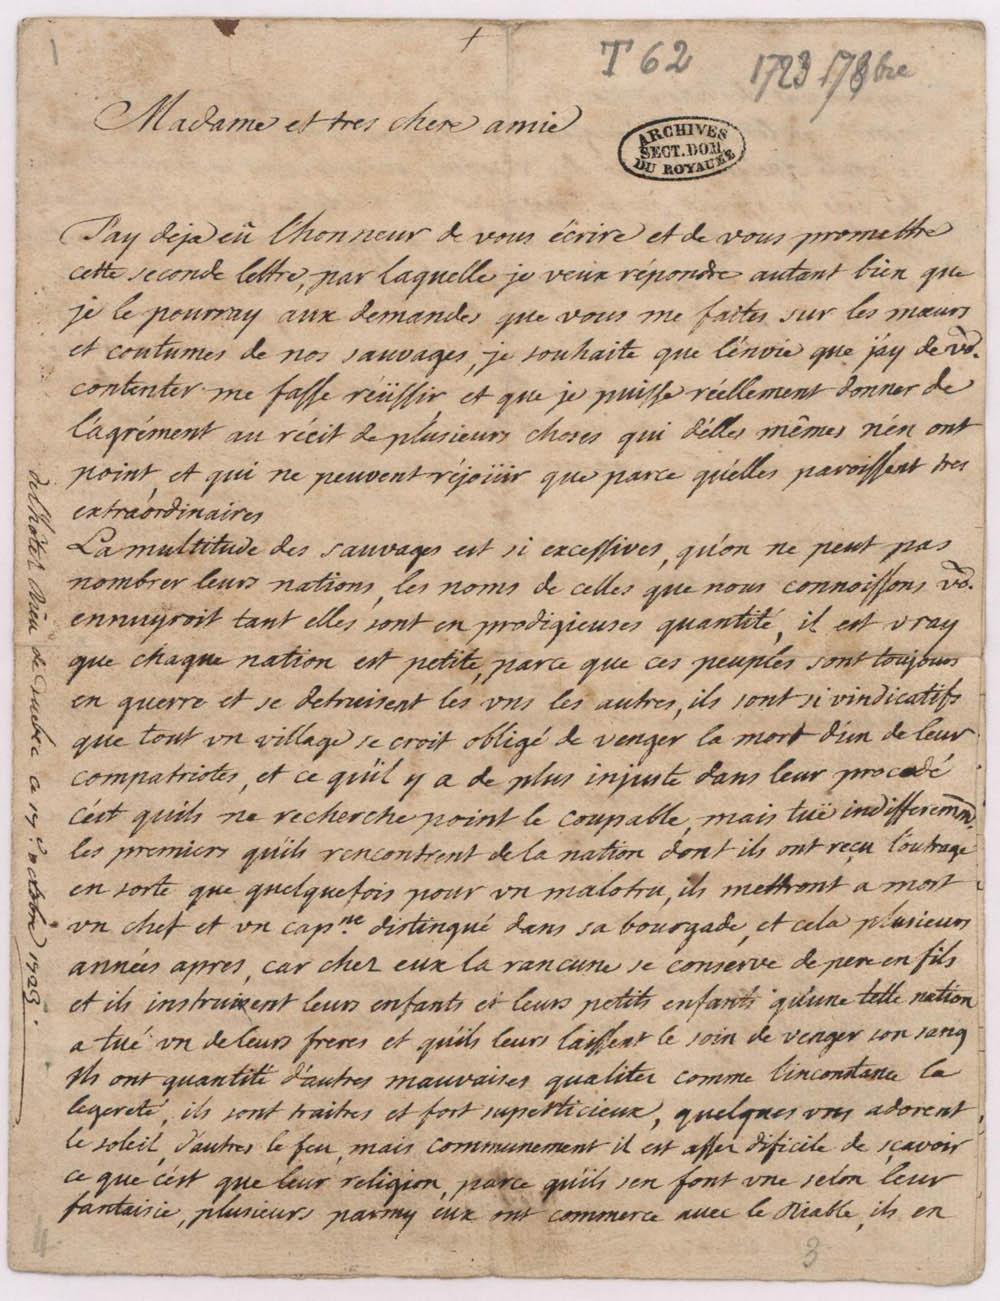 Lettre de mère Marie-Andrée Regnard Duplessis de Sainte-Hélène, religieuse de l'Hôtel-Dieu de Québec, à une amie, 17 octobre 1723. FR CHAN T 62